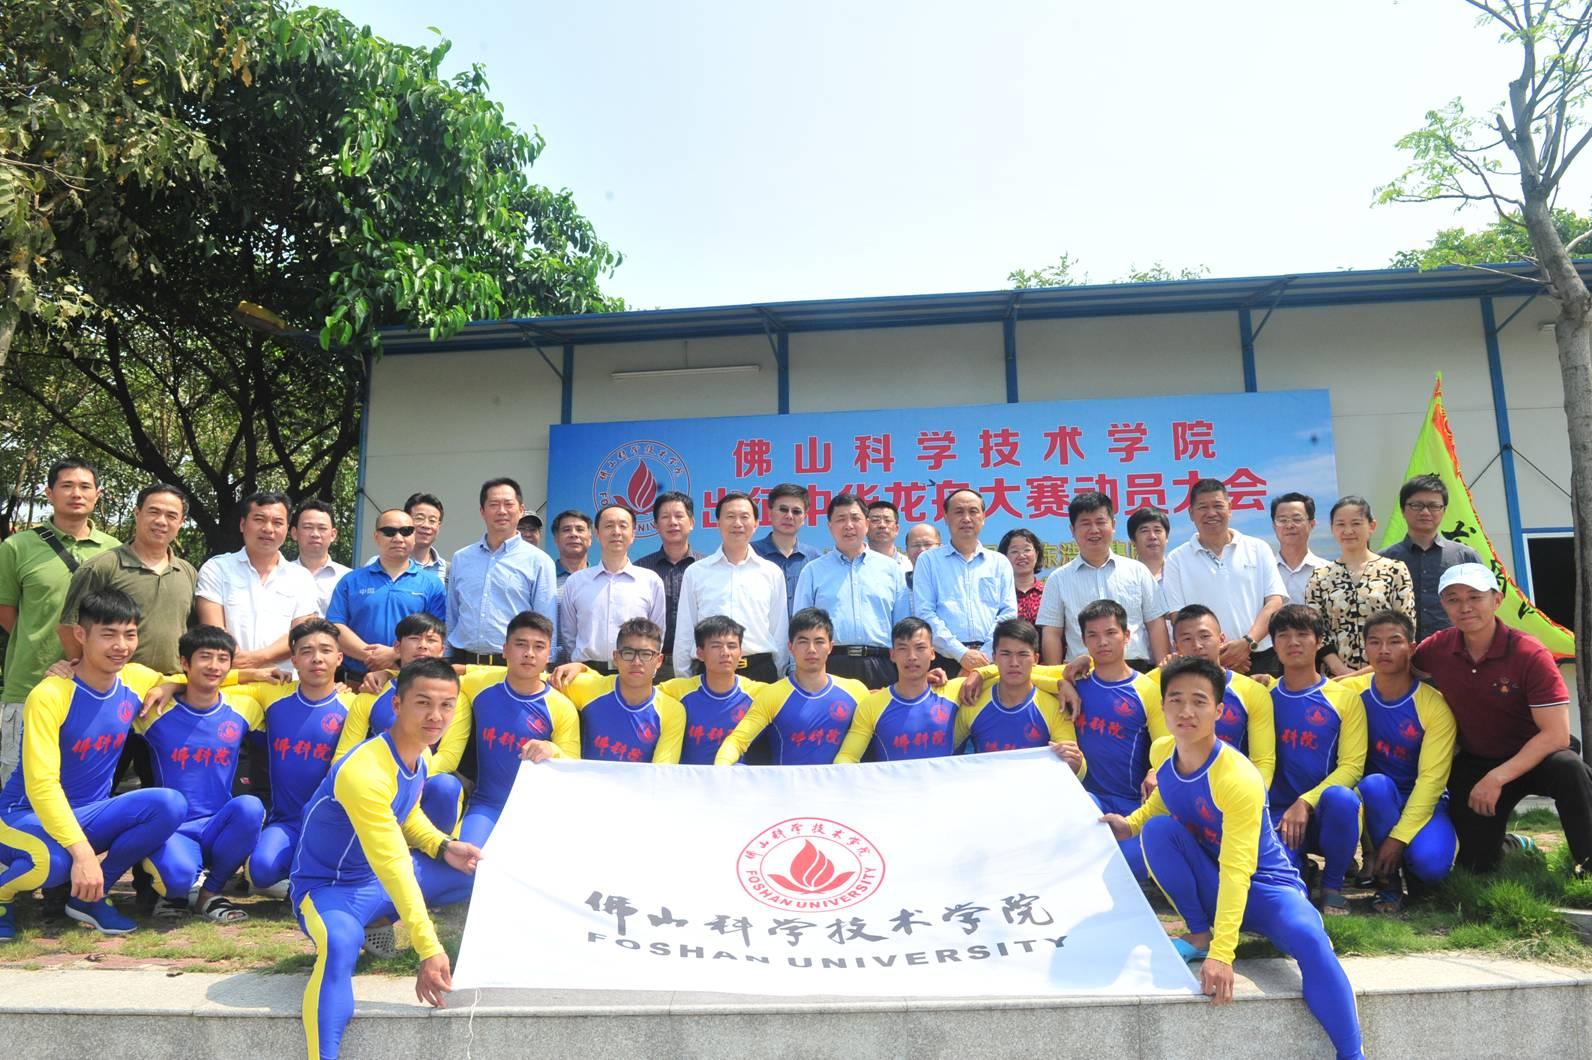 我校举行龙舟队出征2015中华龙舟大赛动员仪式